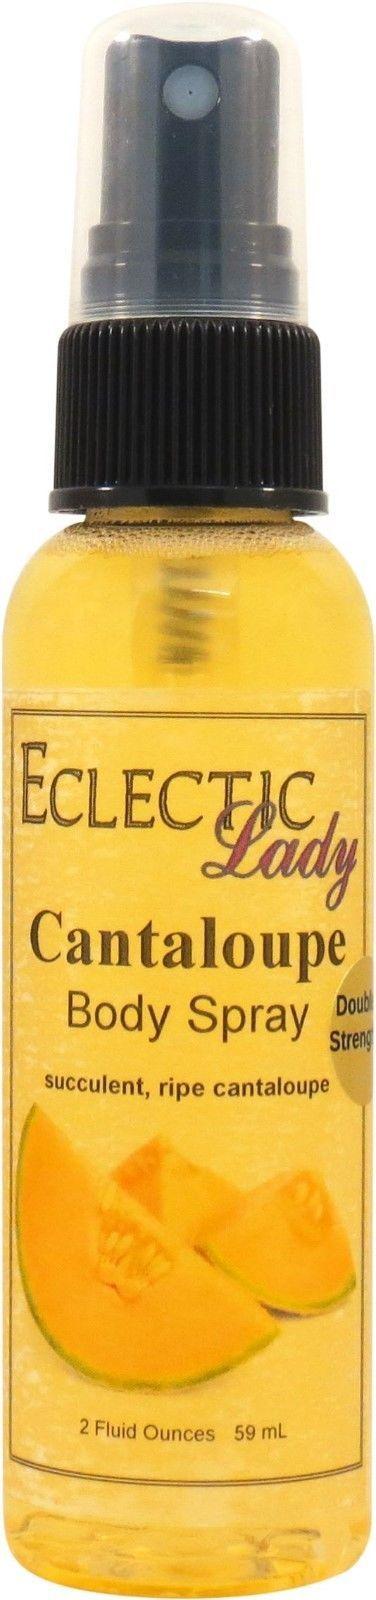 Cantaloupe Body Spray